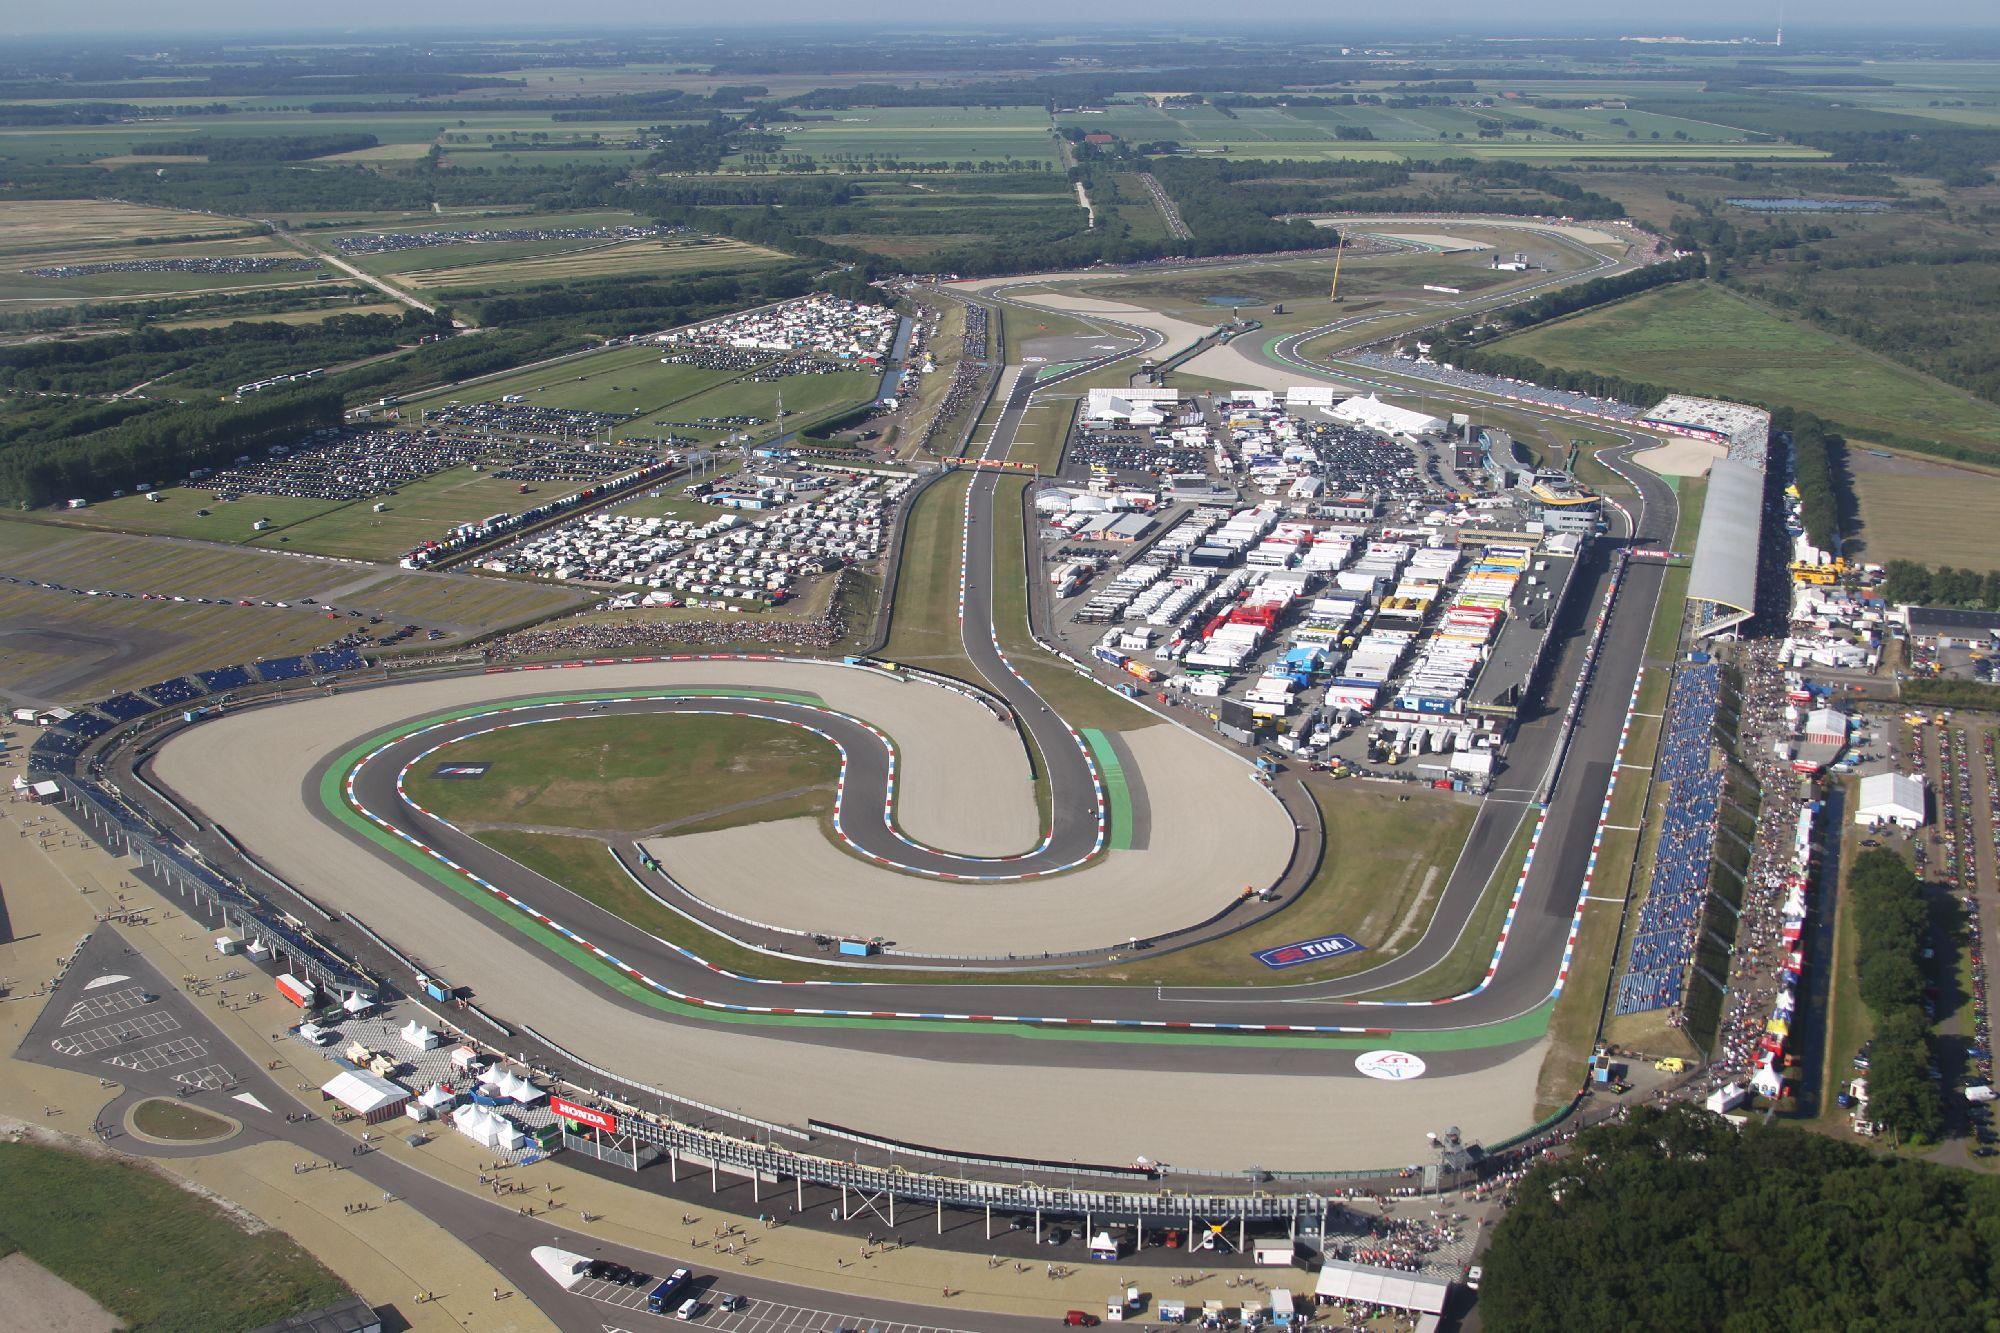 Circuito Holanda : Motogp horarios del gp de holanda y datos del circuito de